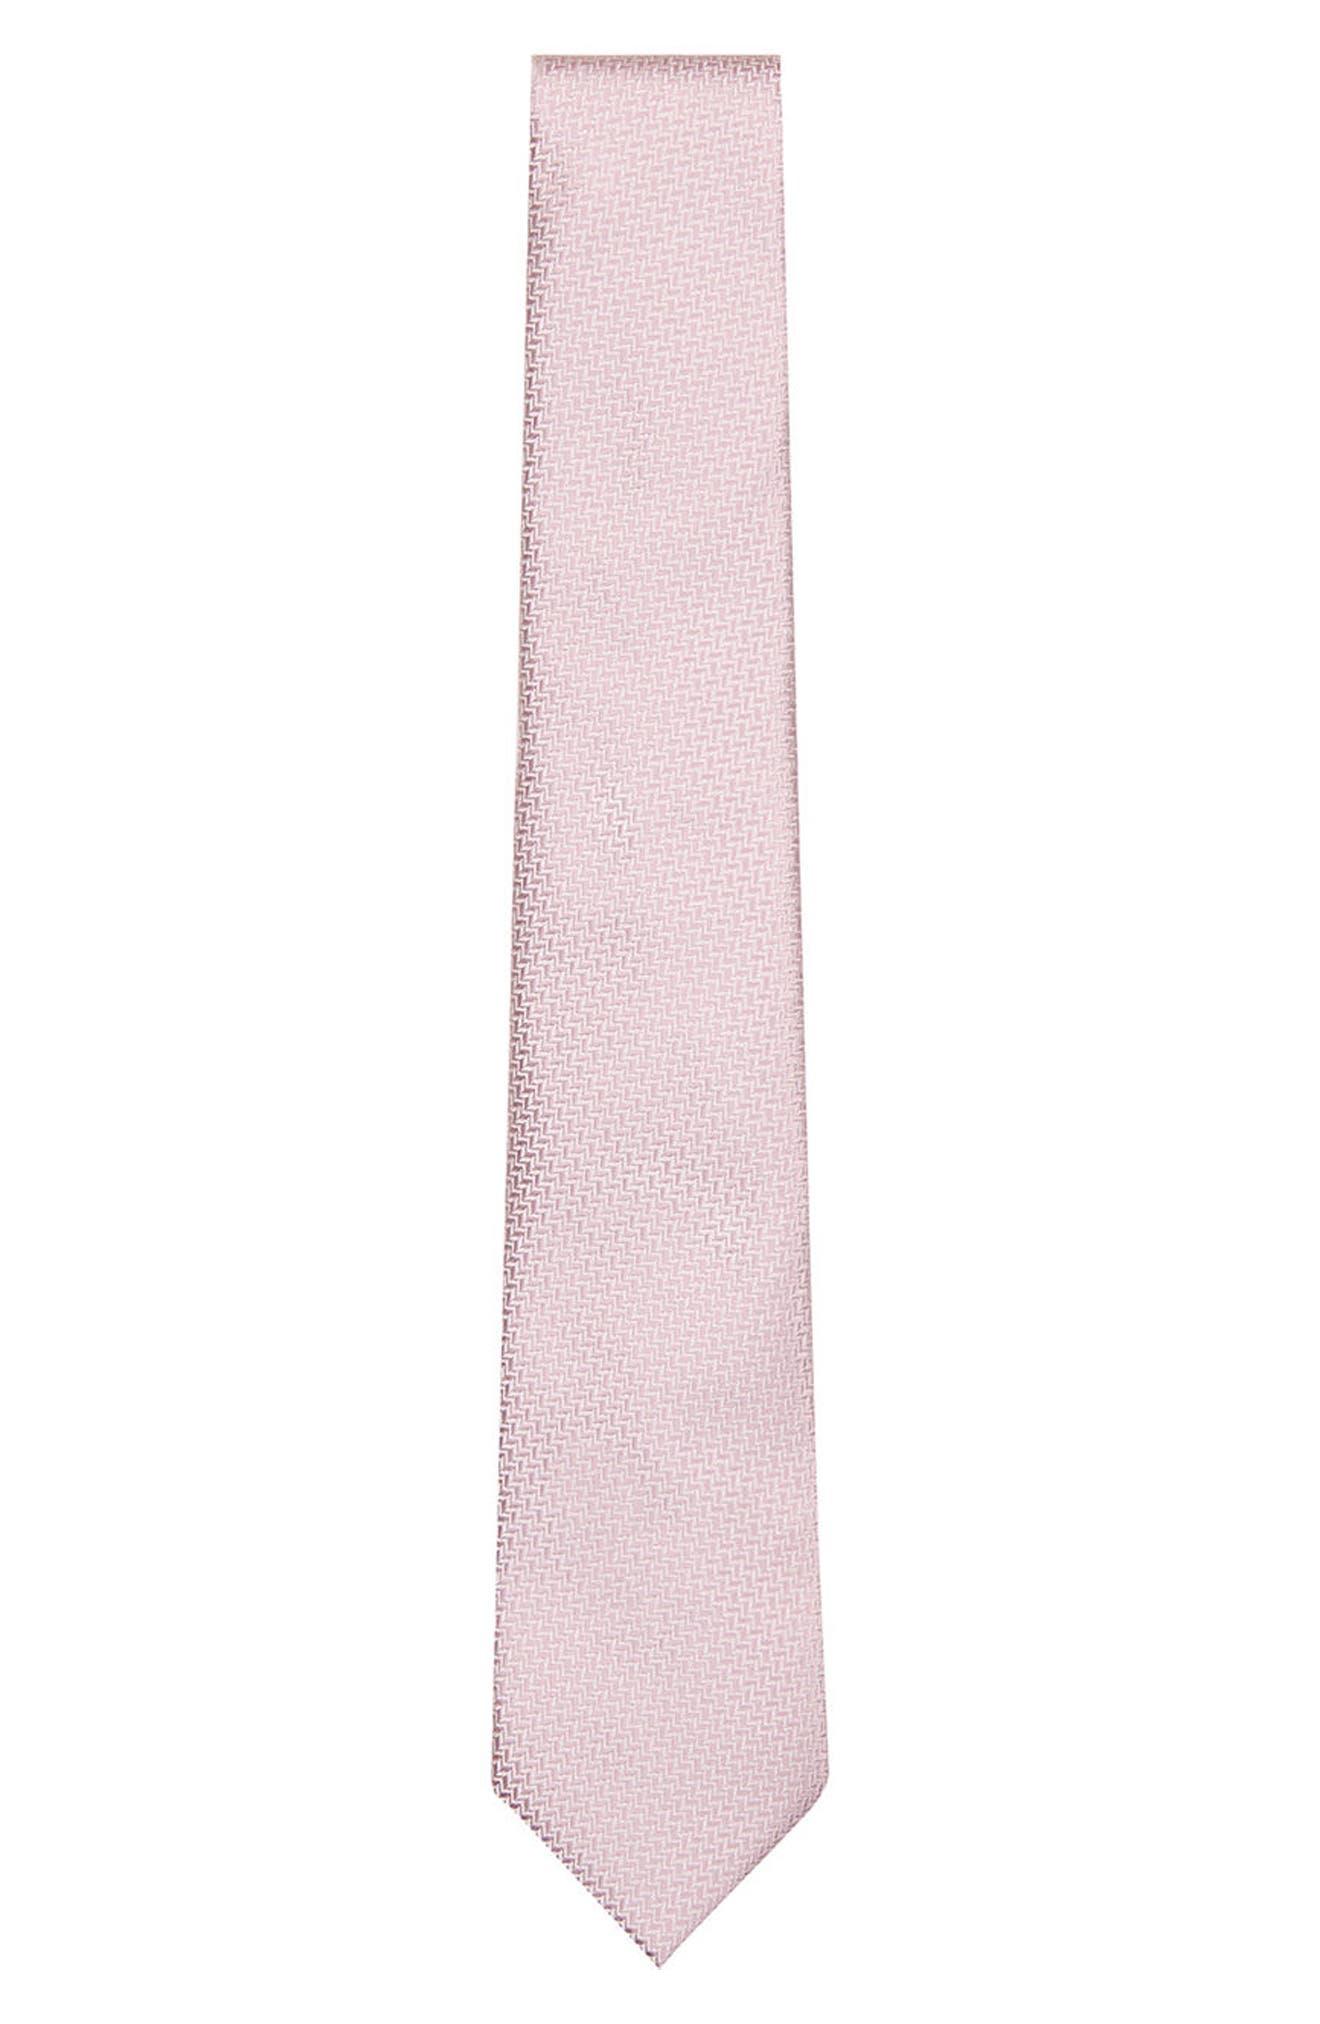 Topman Wedding Tie